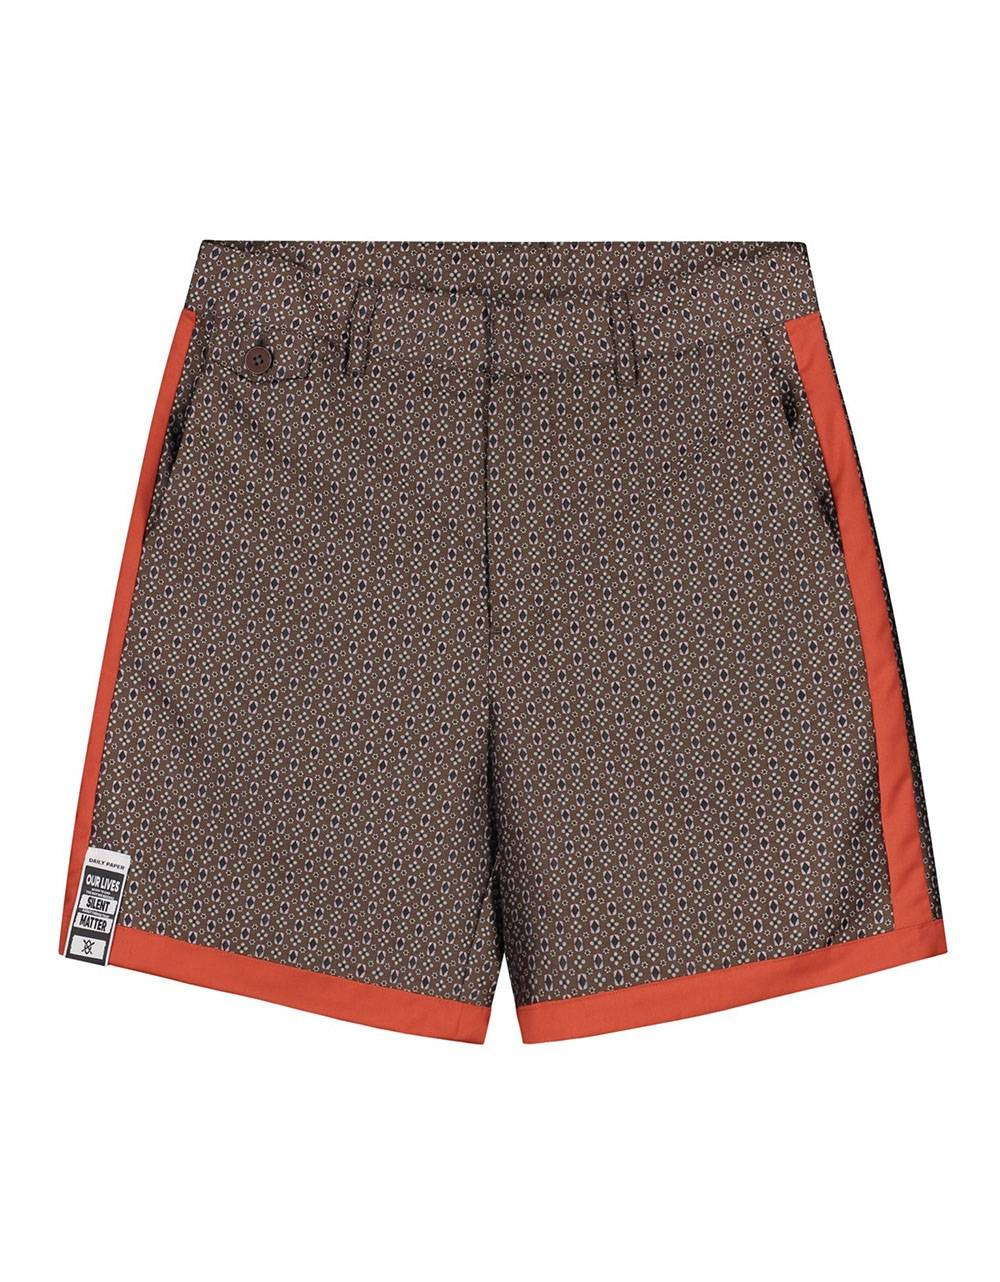 Daily Paper Kenton shorts - brown DAILY PAPER Shorts 135,00€